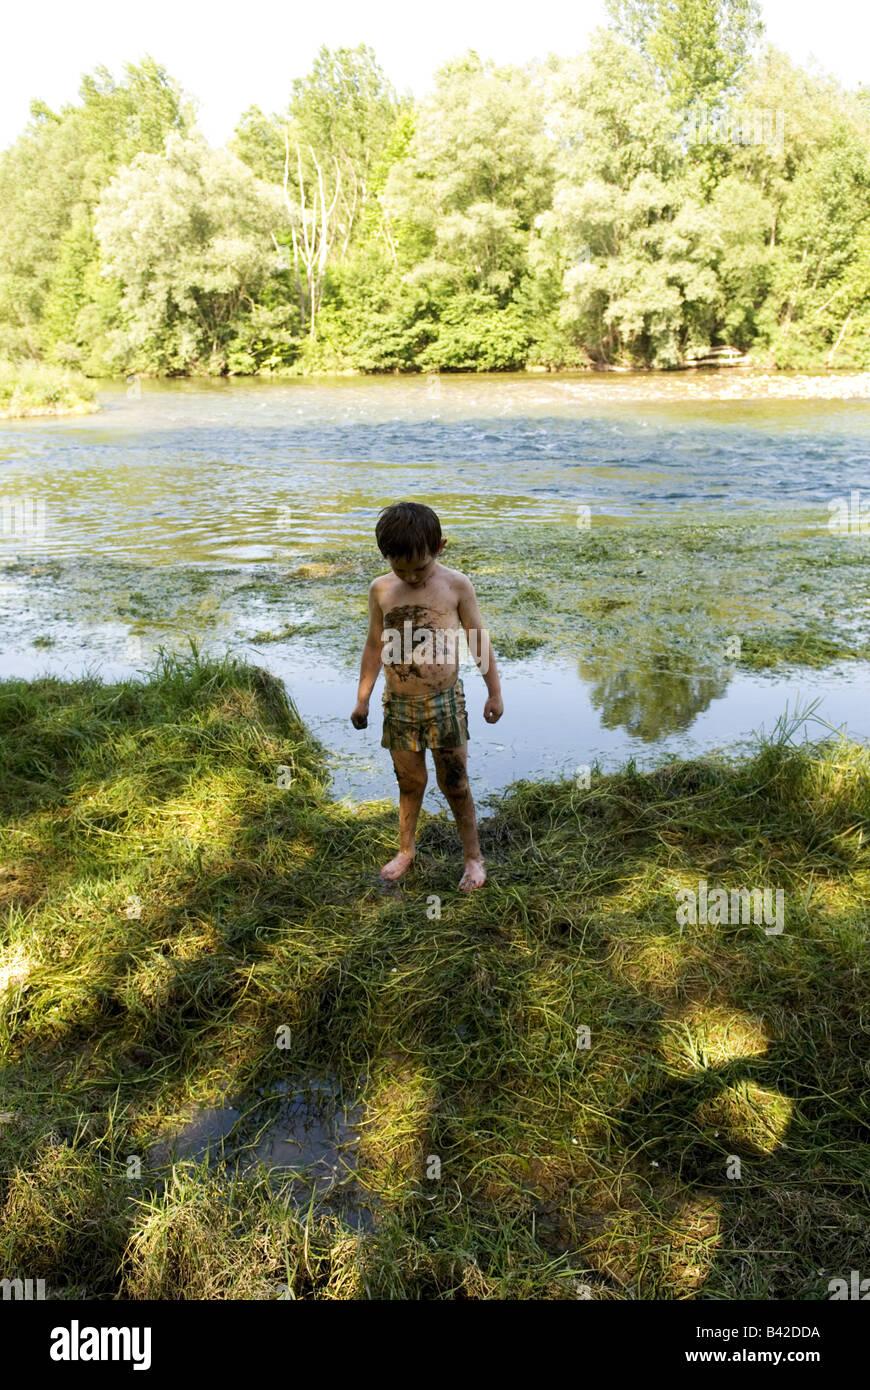 ein kleiner Junge steht am Ufer eines Flusses blickte Athis Magen Fluss Schlamm und Unkraut bedeckt Stockbild